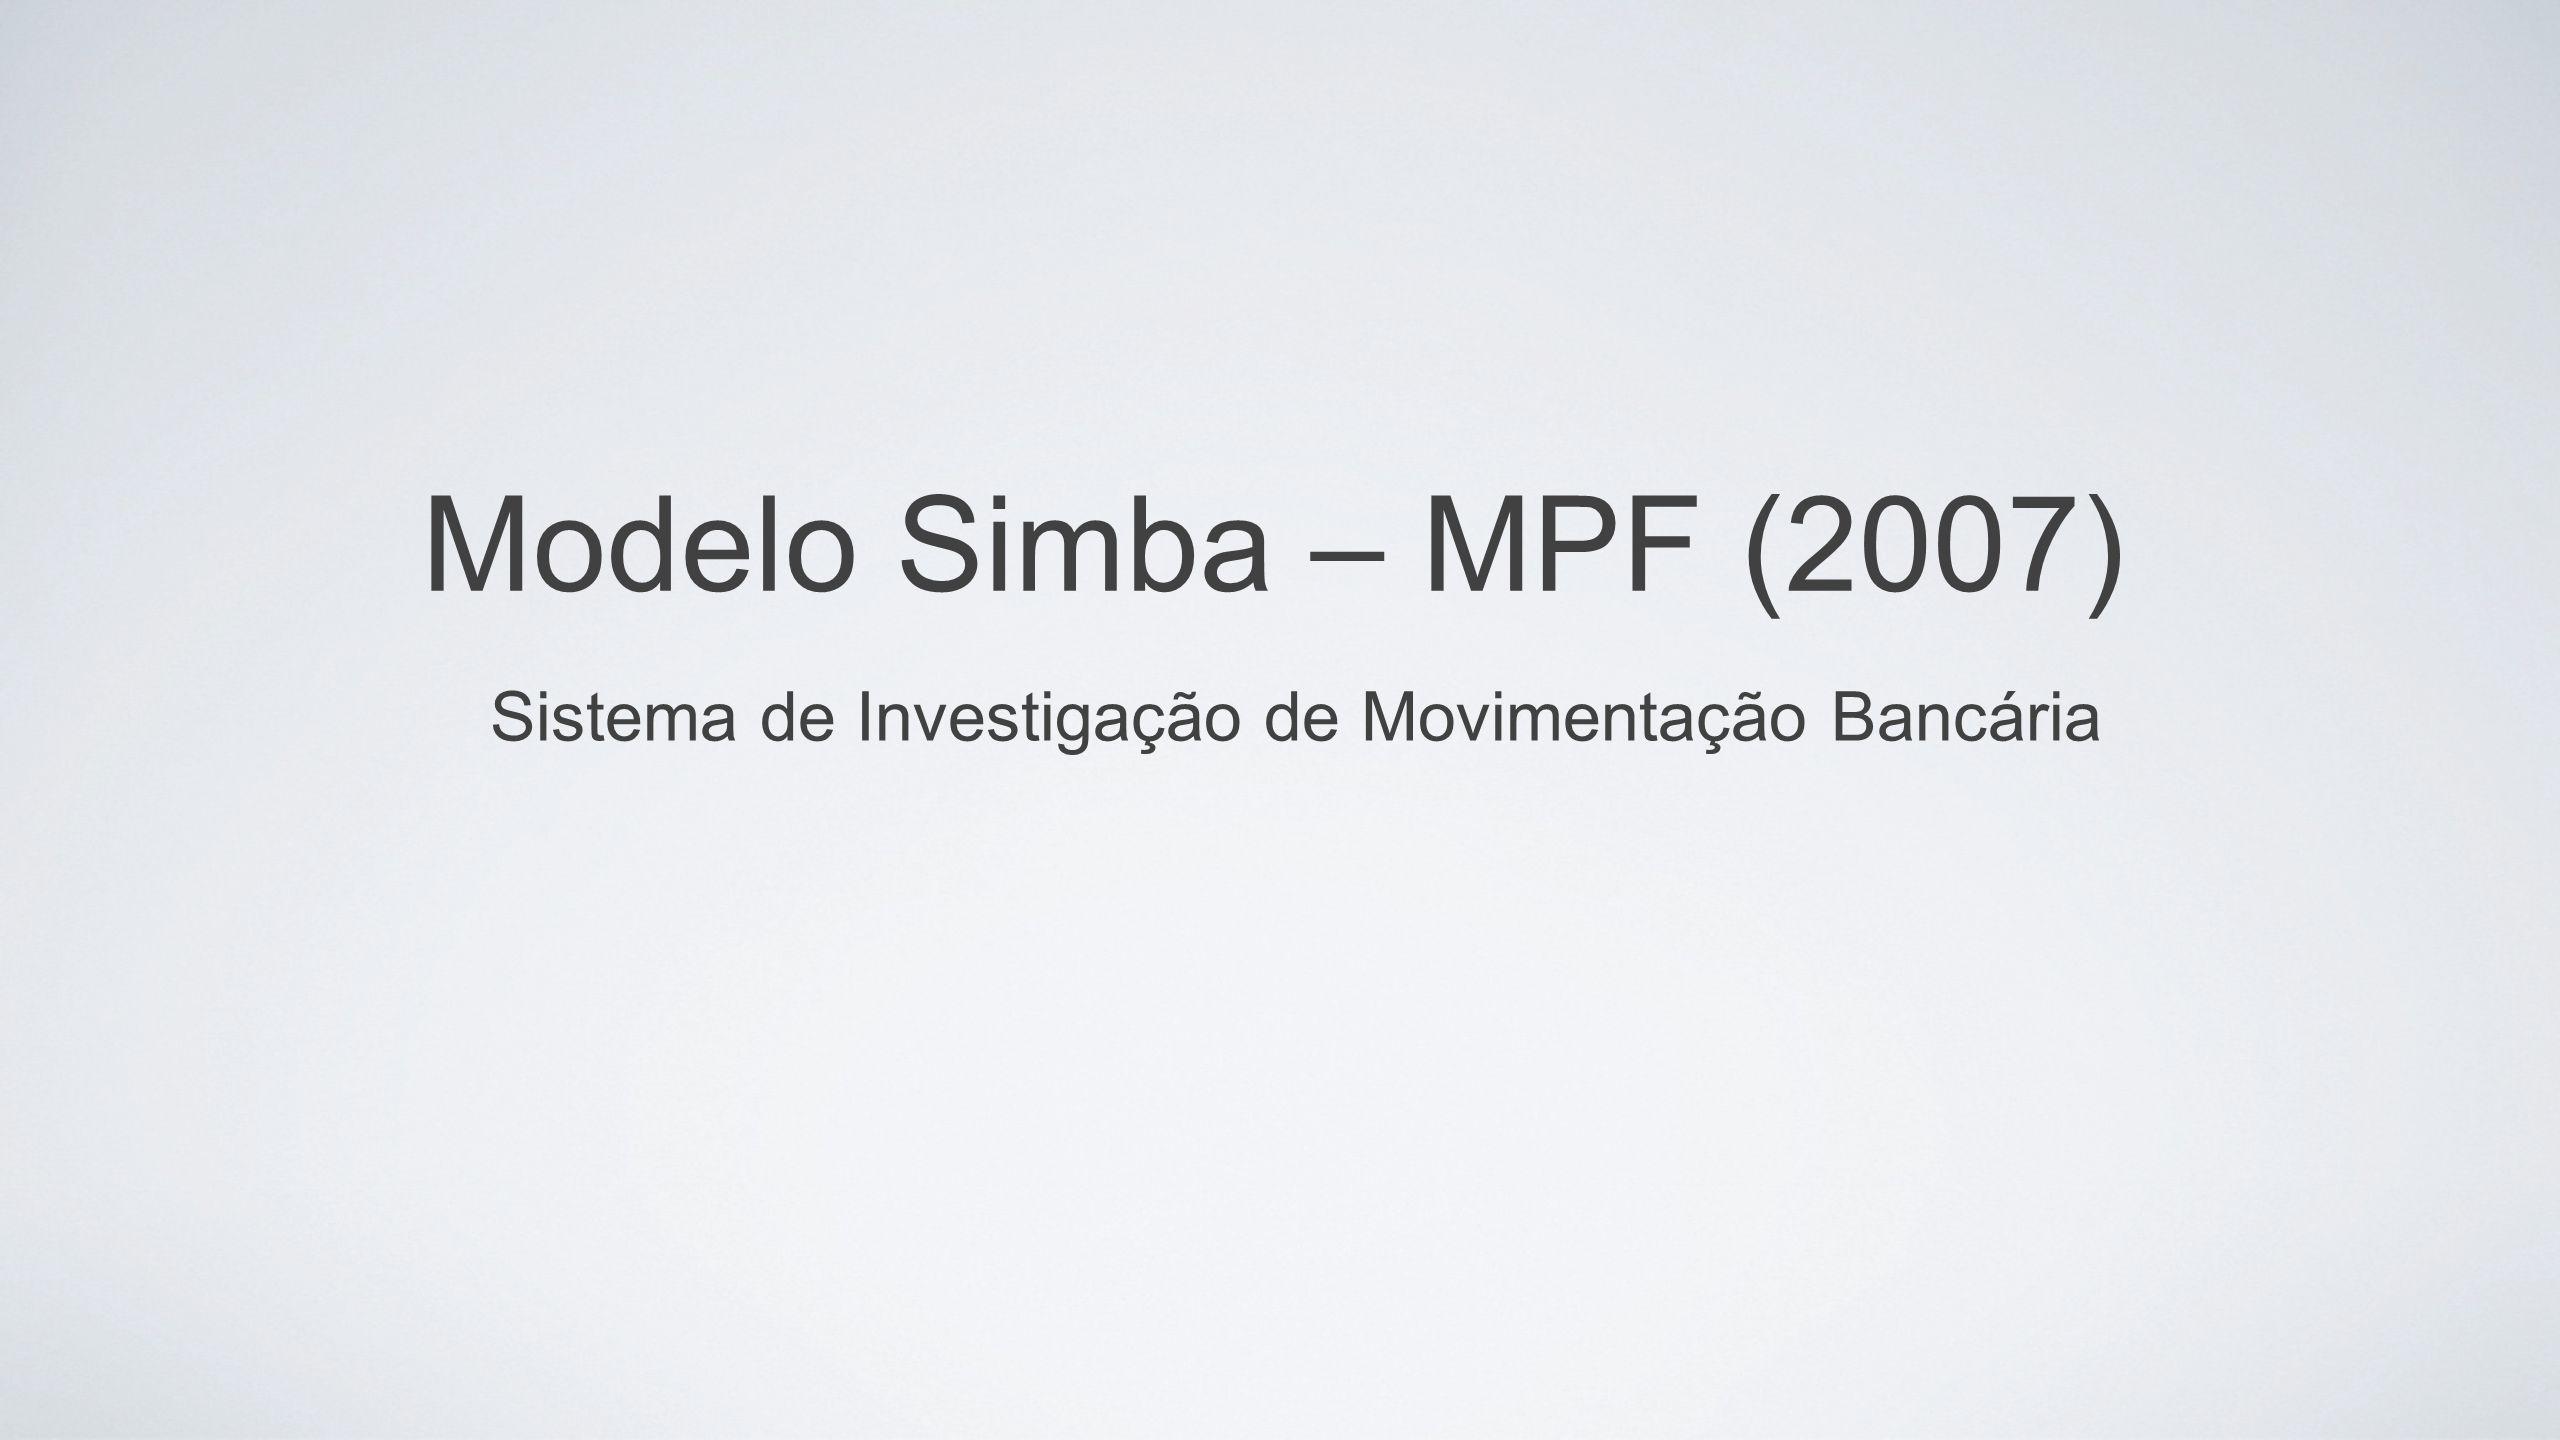 Sistema de Investigação de Movimentação Bancária